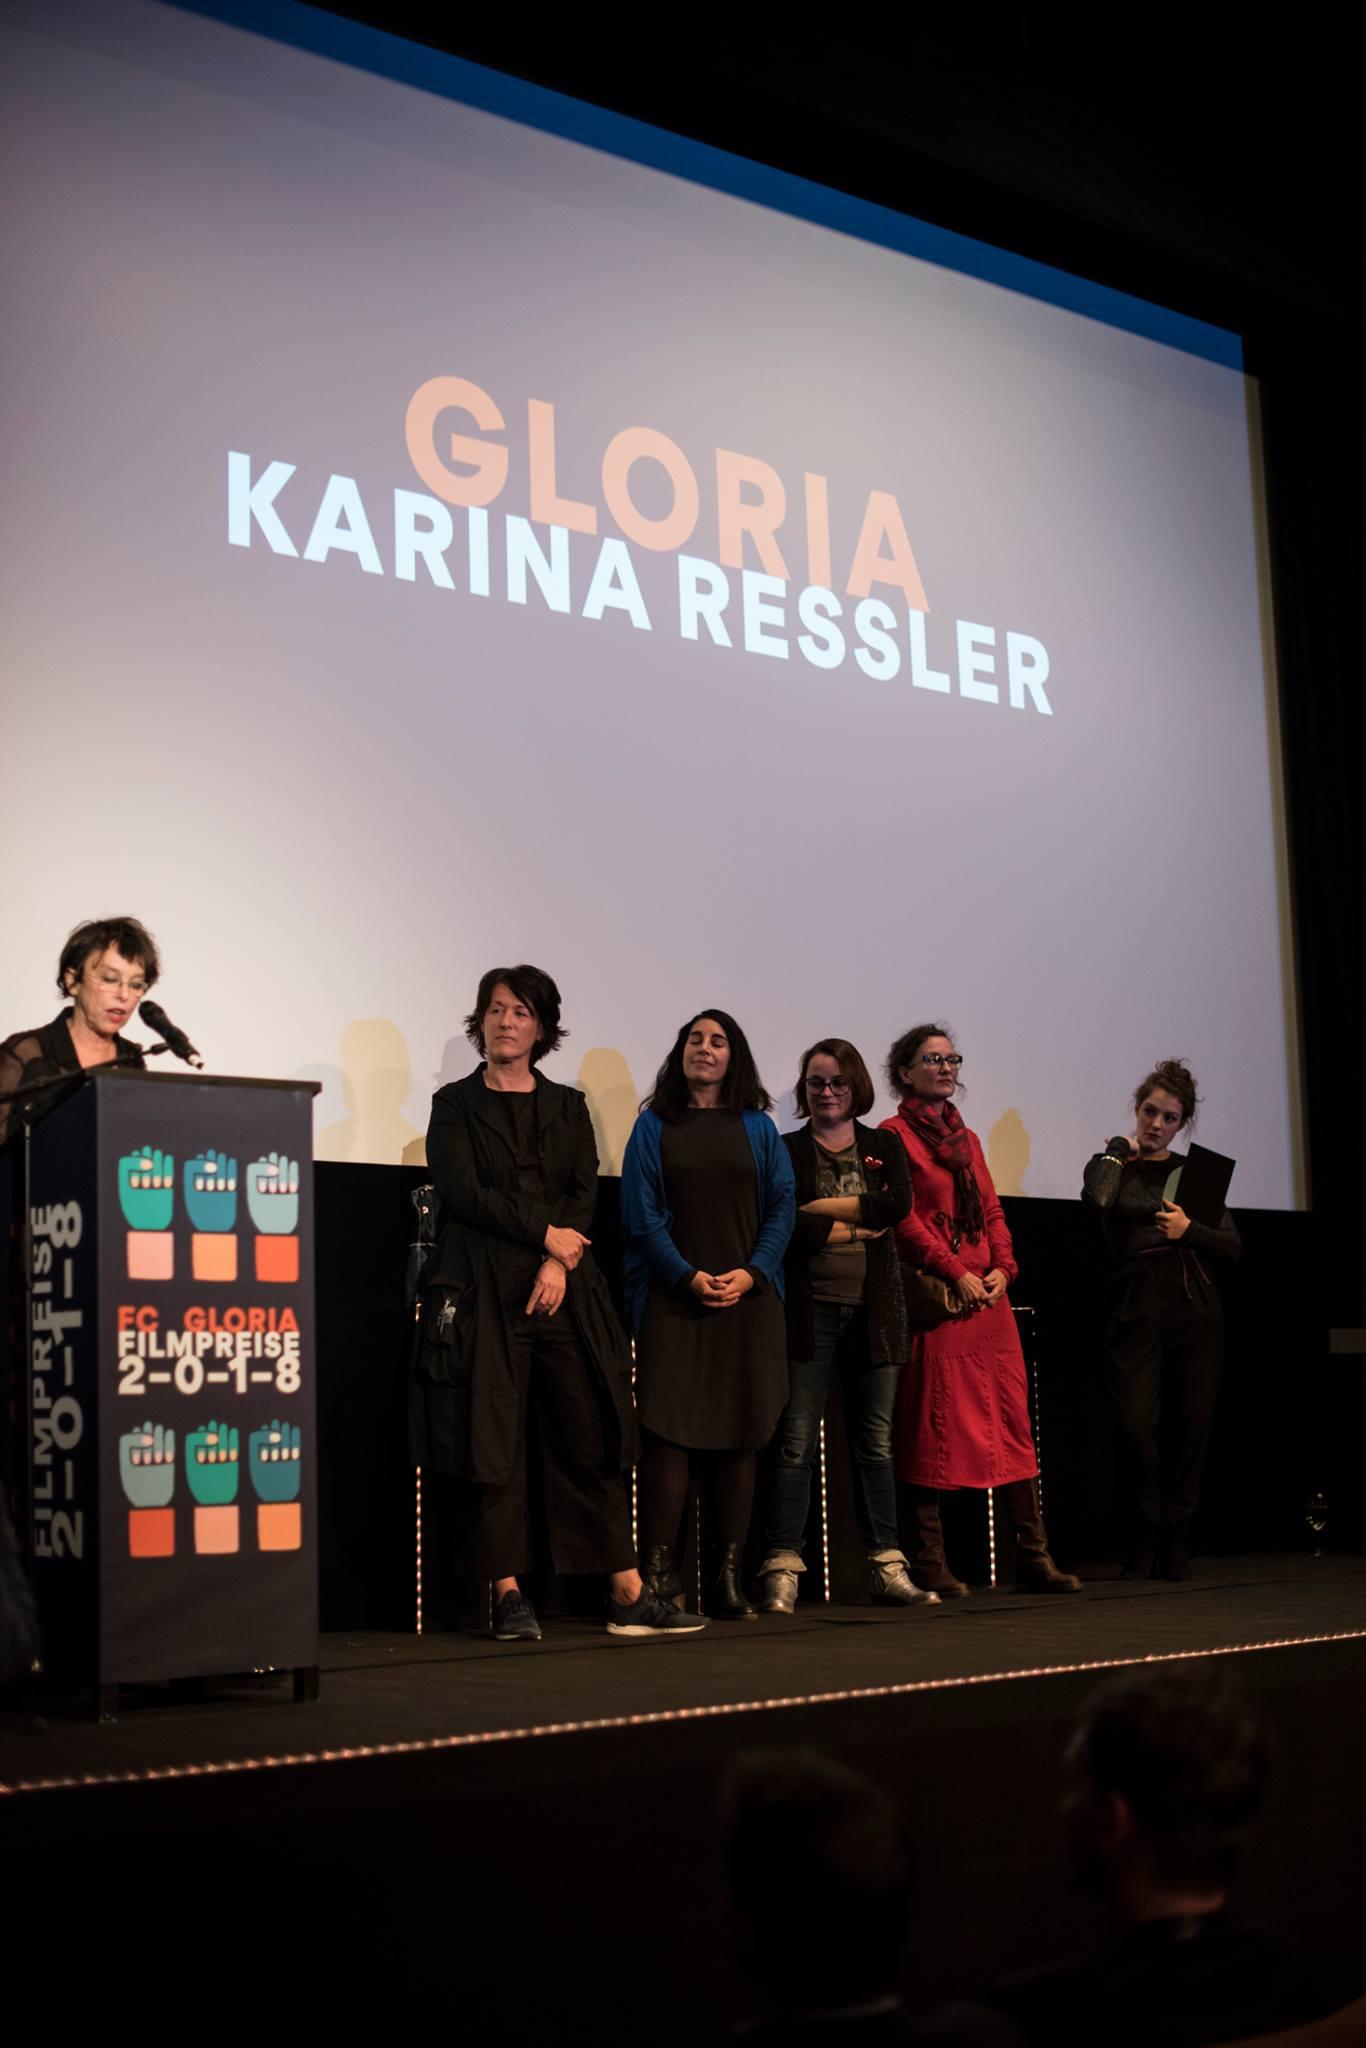 Karina Ressler mit Jurymitgliedern Salma Abdalla, Ingrid Leibezeder, Julia Pühringer und Elisabeth Scharang, Sophie Stockinger (Laudatio)